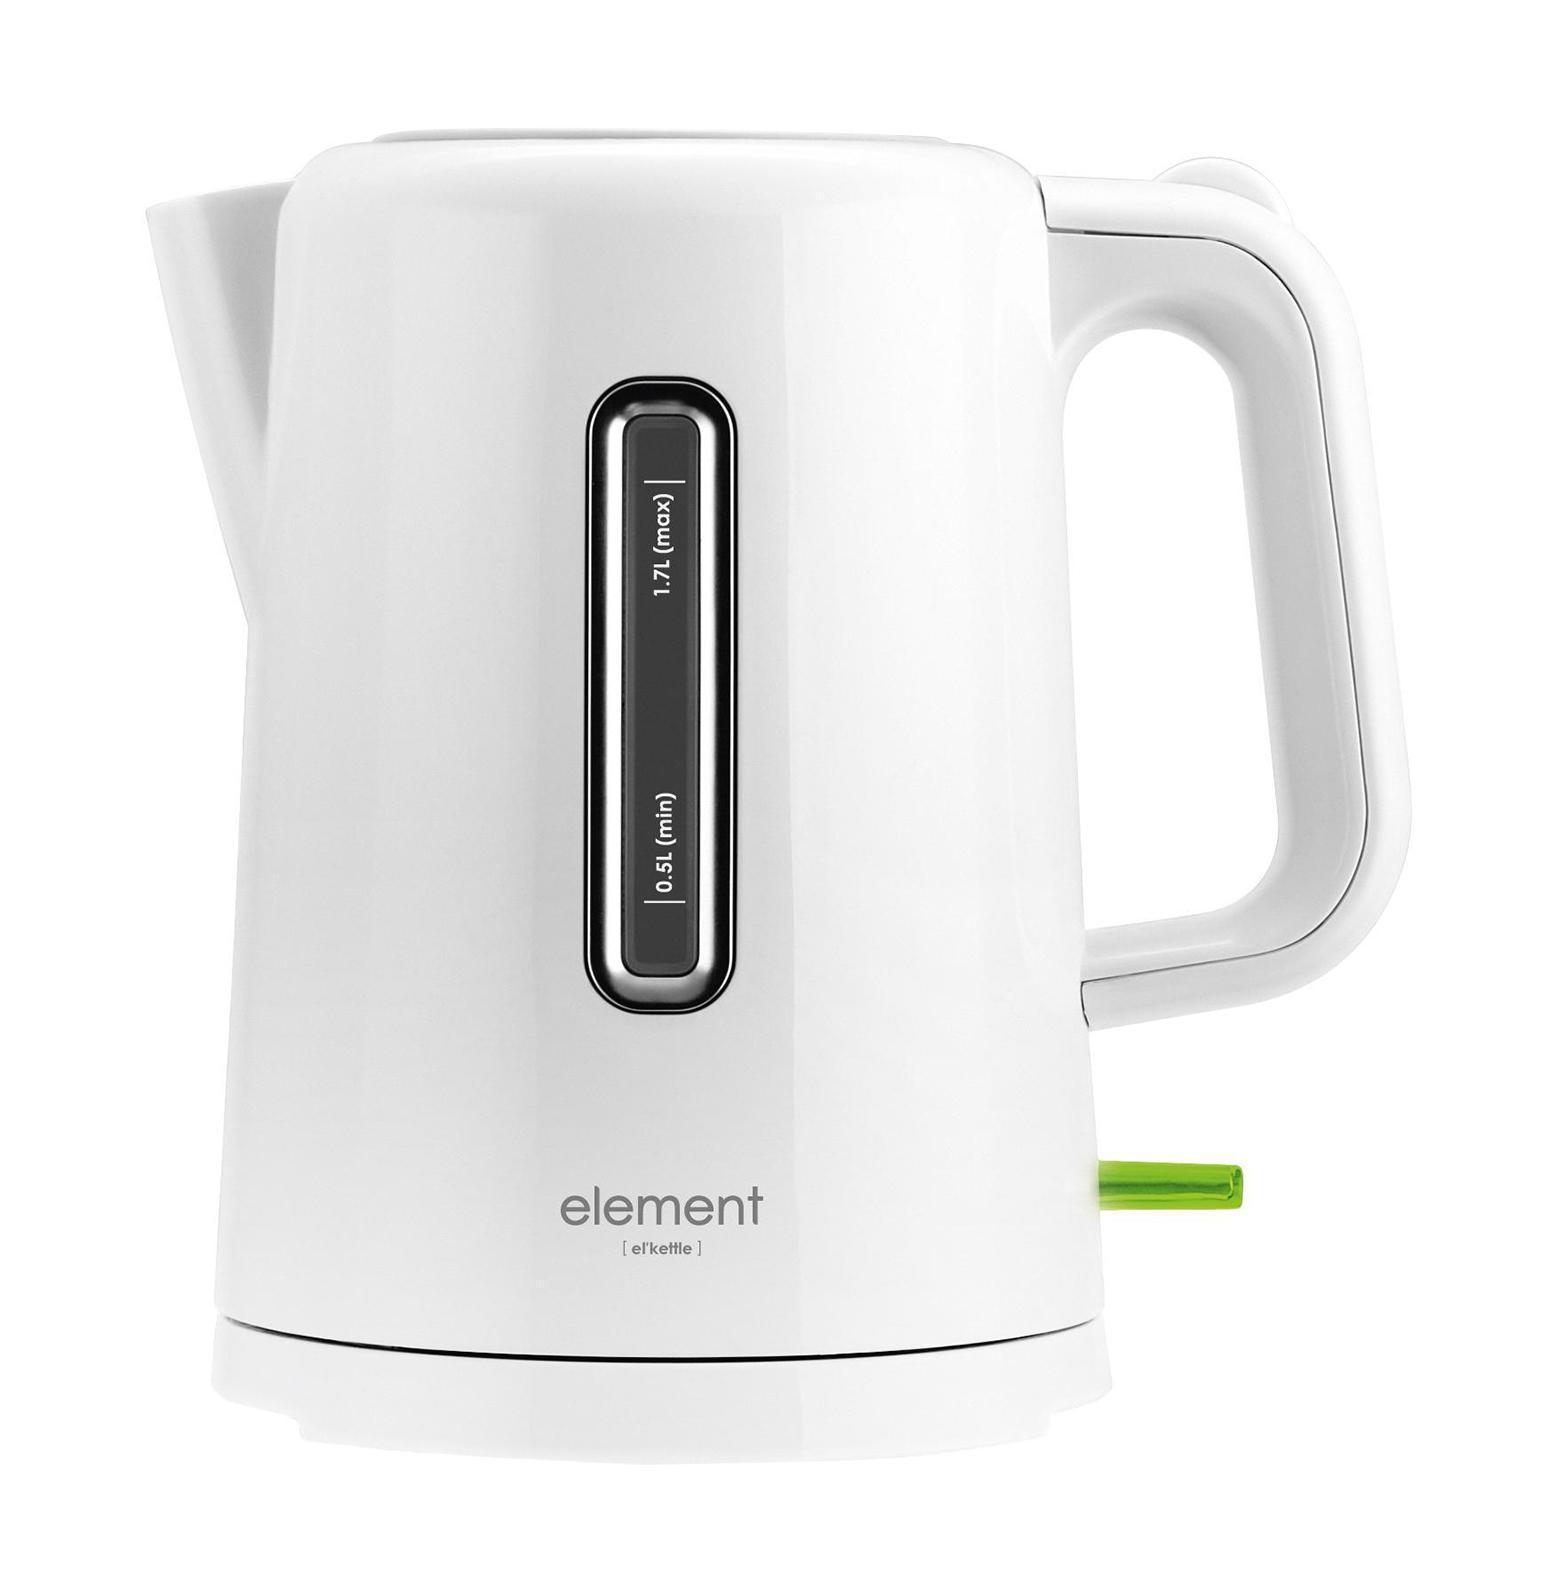 Element WF01PW, White электрочайникWF01PWElement ElKettle WF01PW - это простой и удобный электрический чайник с объемом 1.7 литра. Он имеет стильный дизайн, а также корпус из металла и стекла. Мощность данной модели составляет 2200 Вт. Чайник оснащен индикацией включения и индикатором уровня воды.